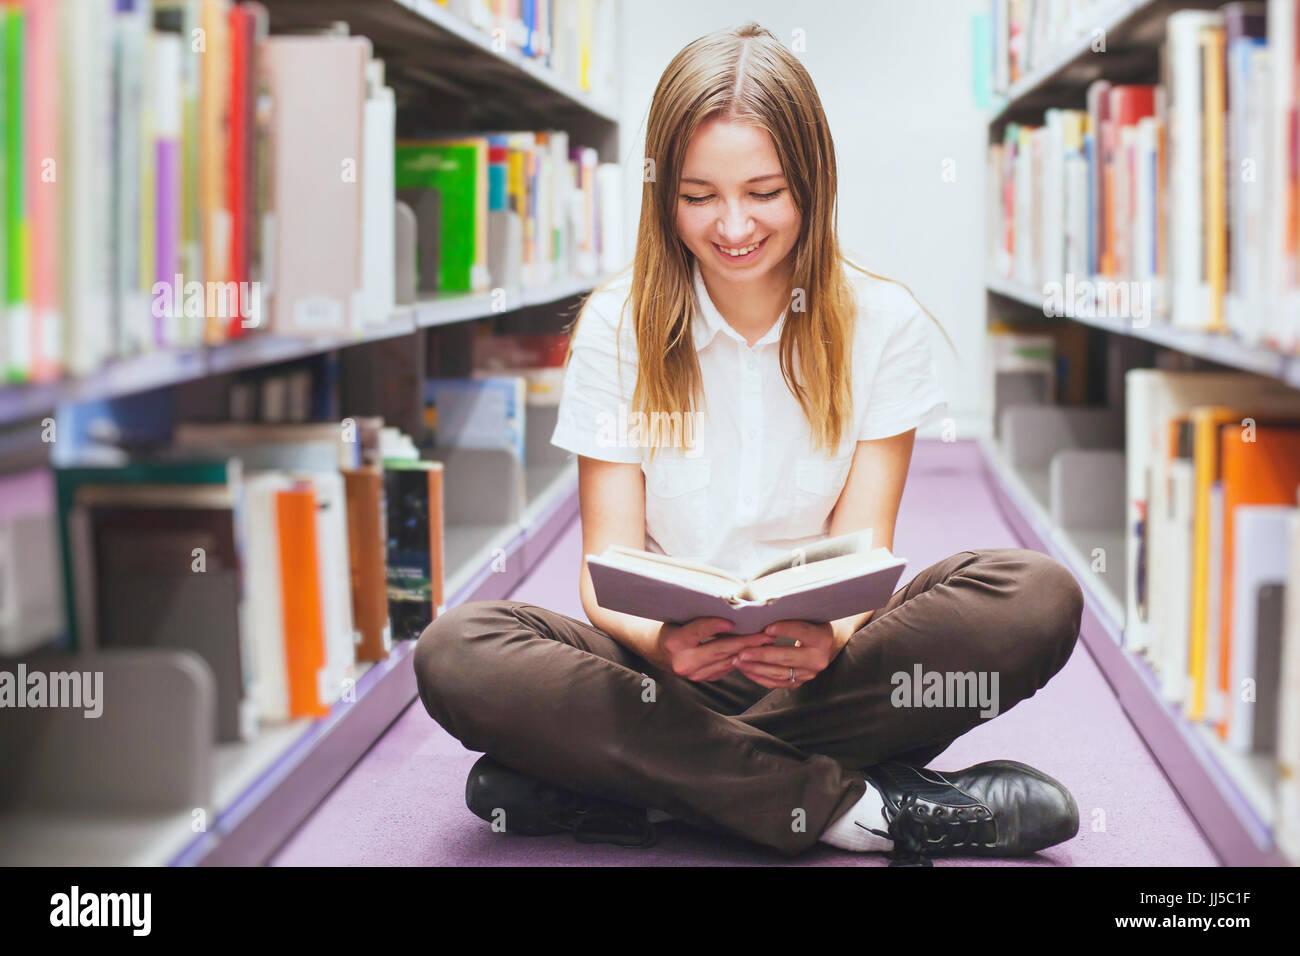 Schüler lesen Buch in der Bibliothek, glücklich lächelnde Frau, Ausbildung Stockbild